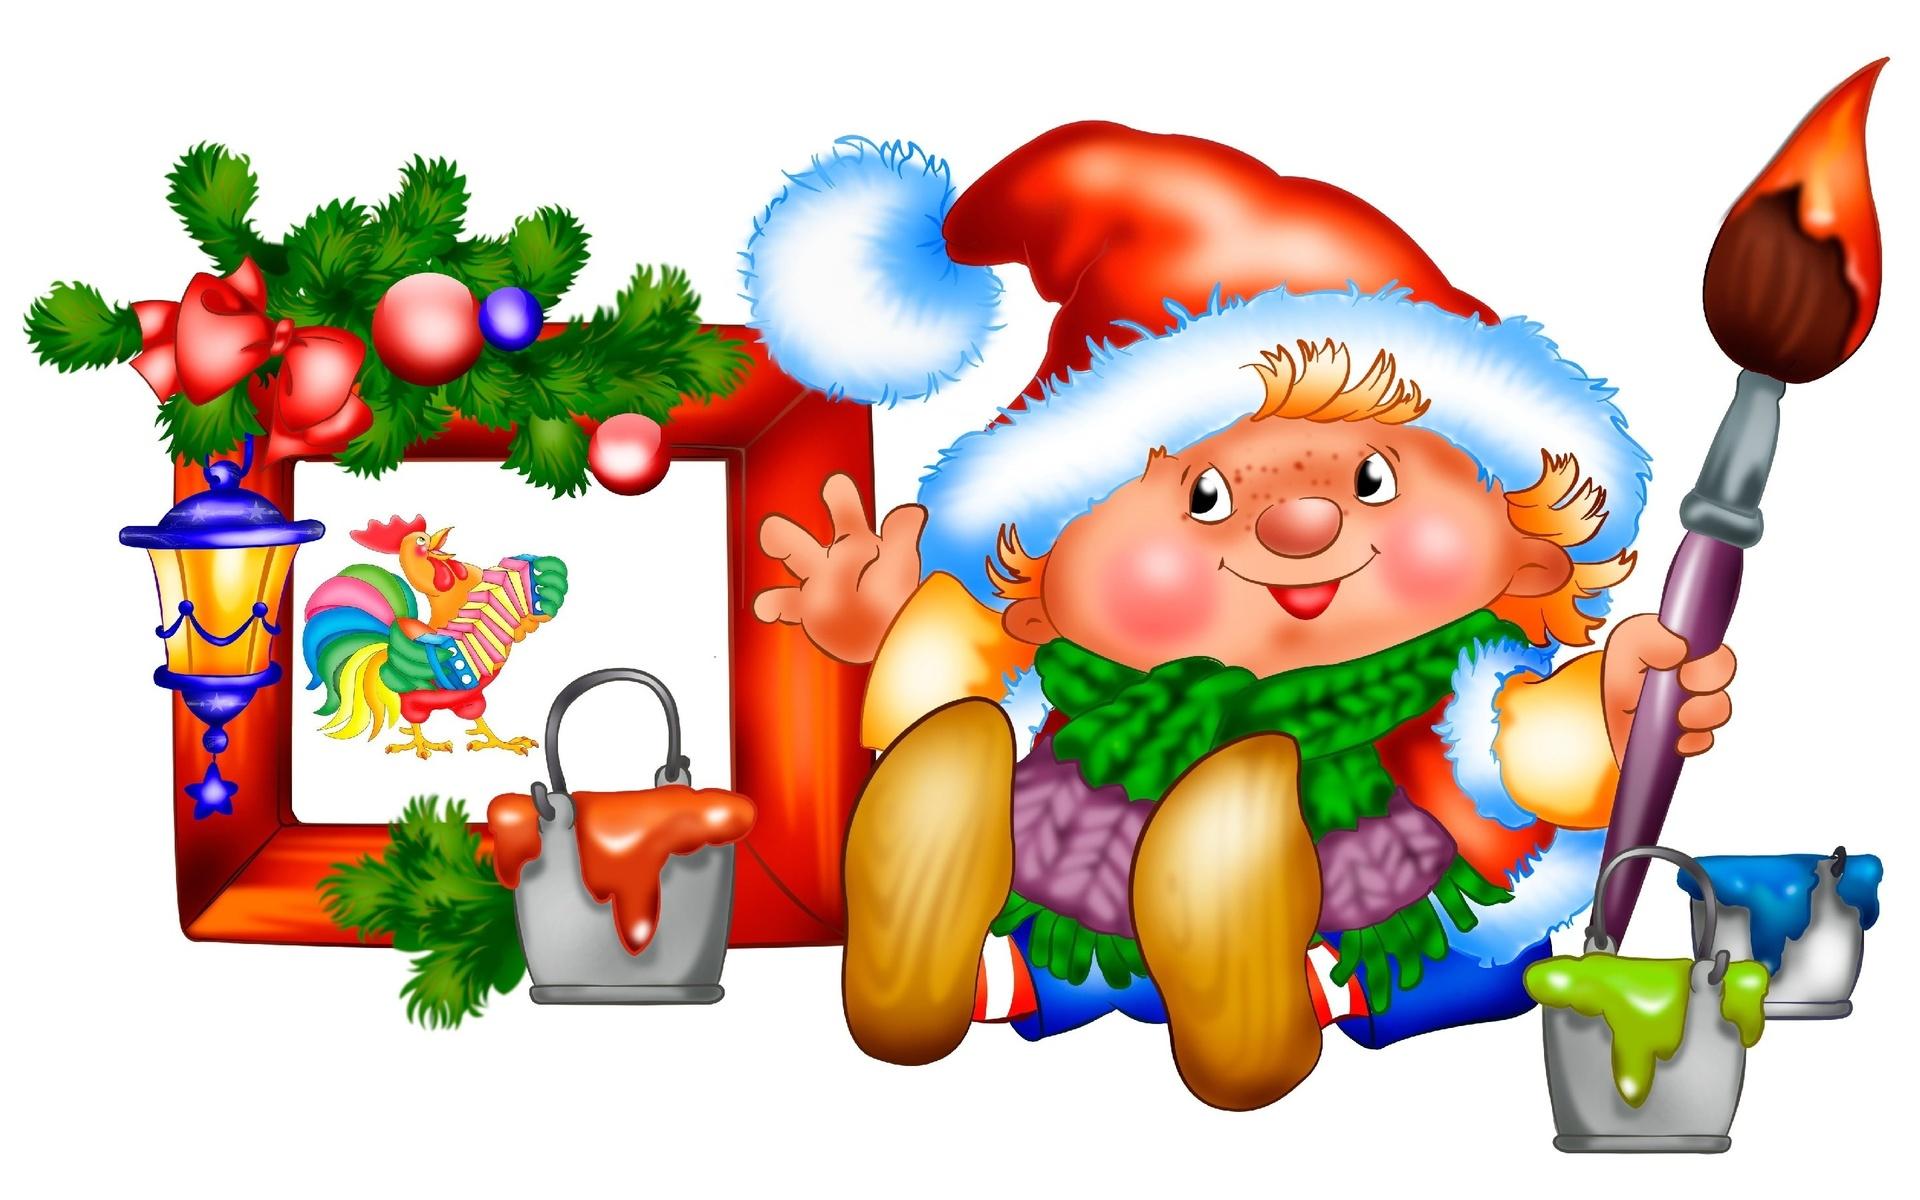 Картинки новогодние на прозрачном фоне для детей